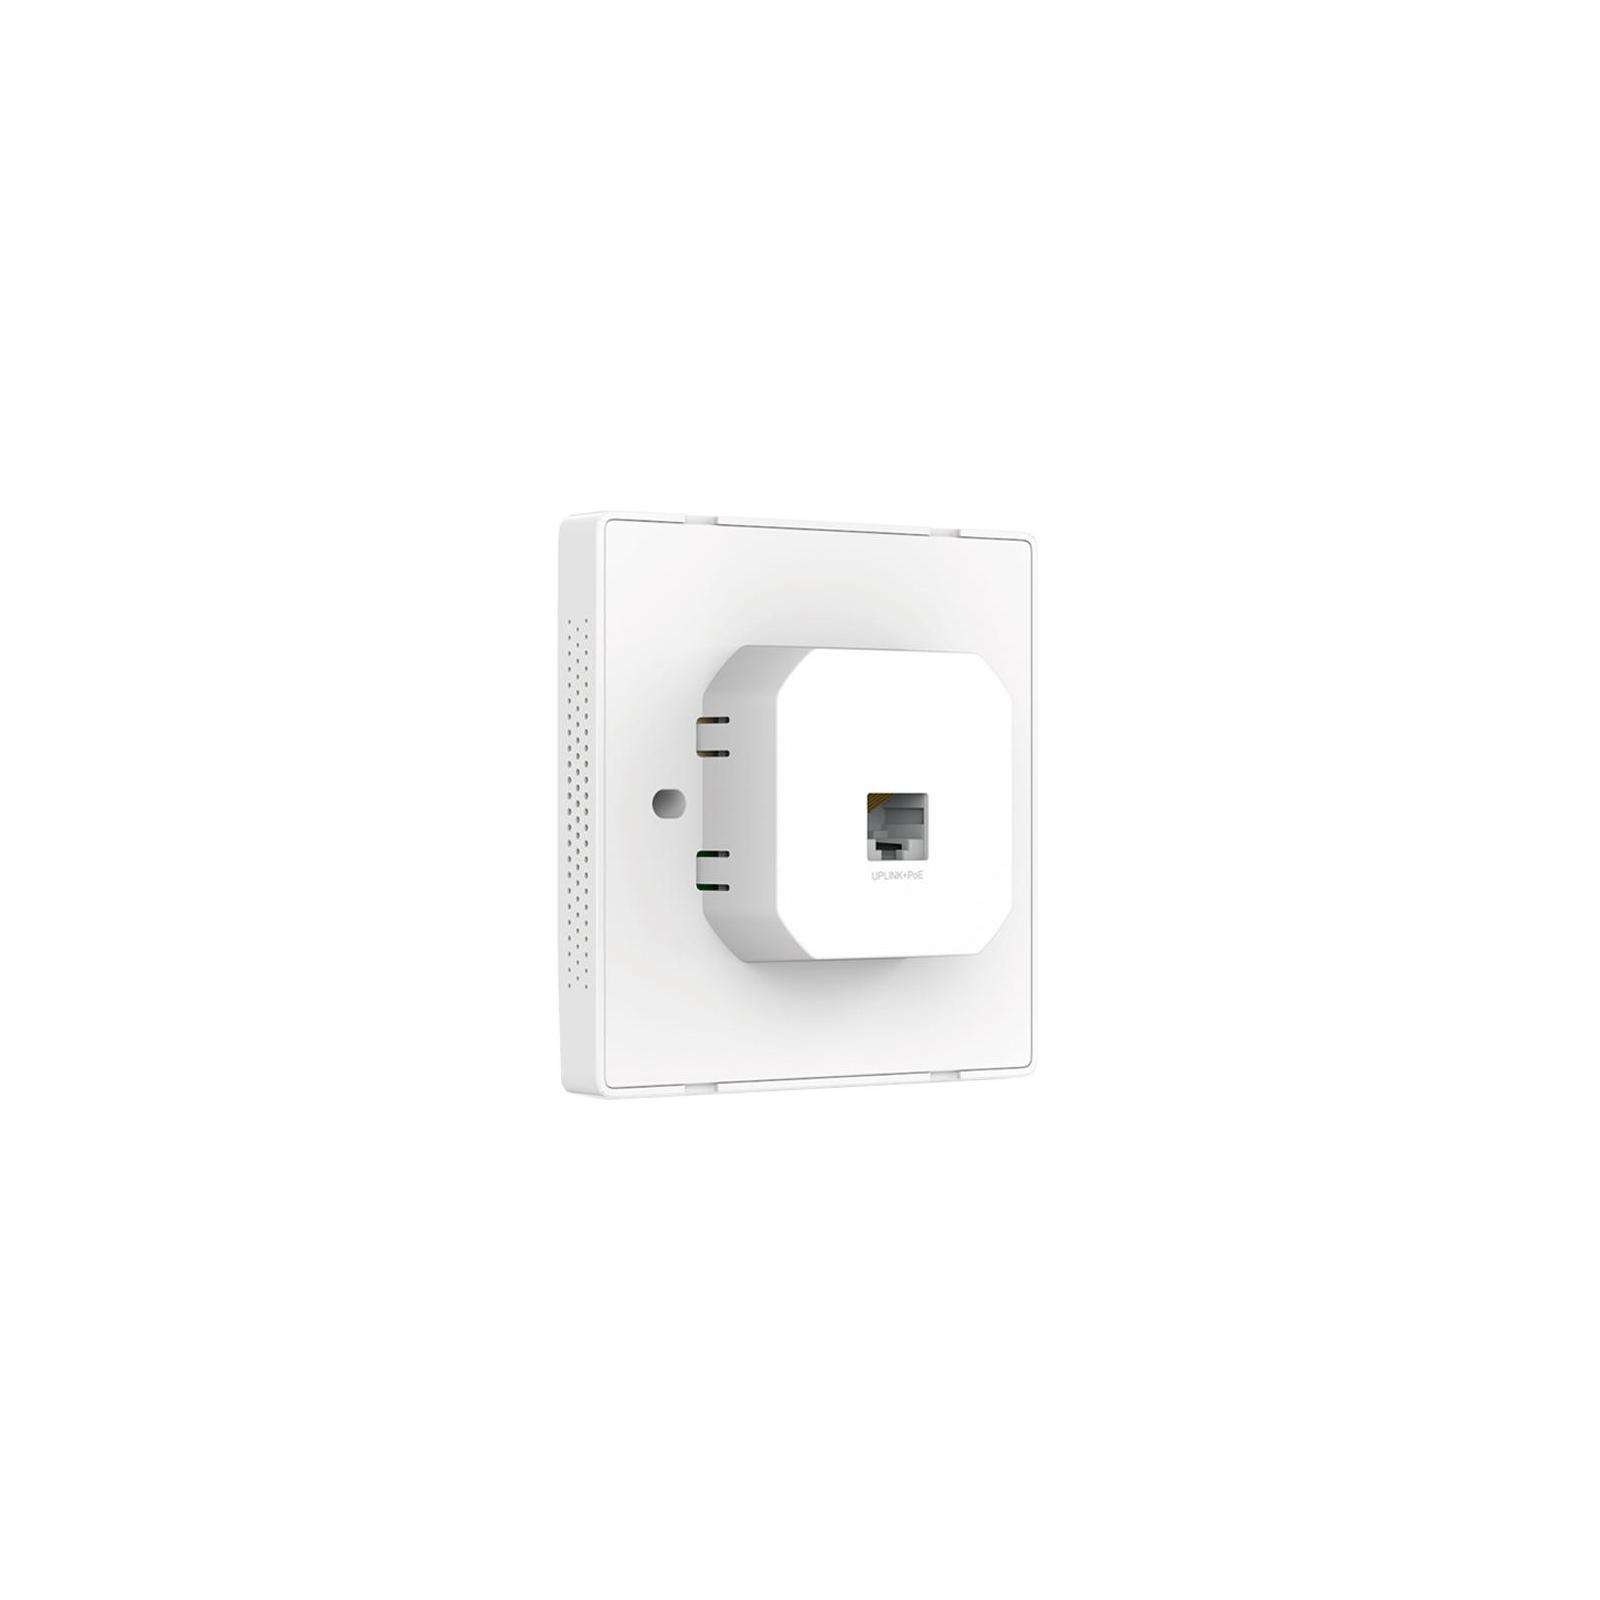 Точка доступа Wi-Fi TP-Link EAP115-wall изображение 2